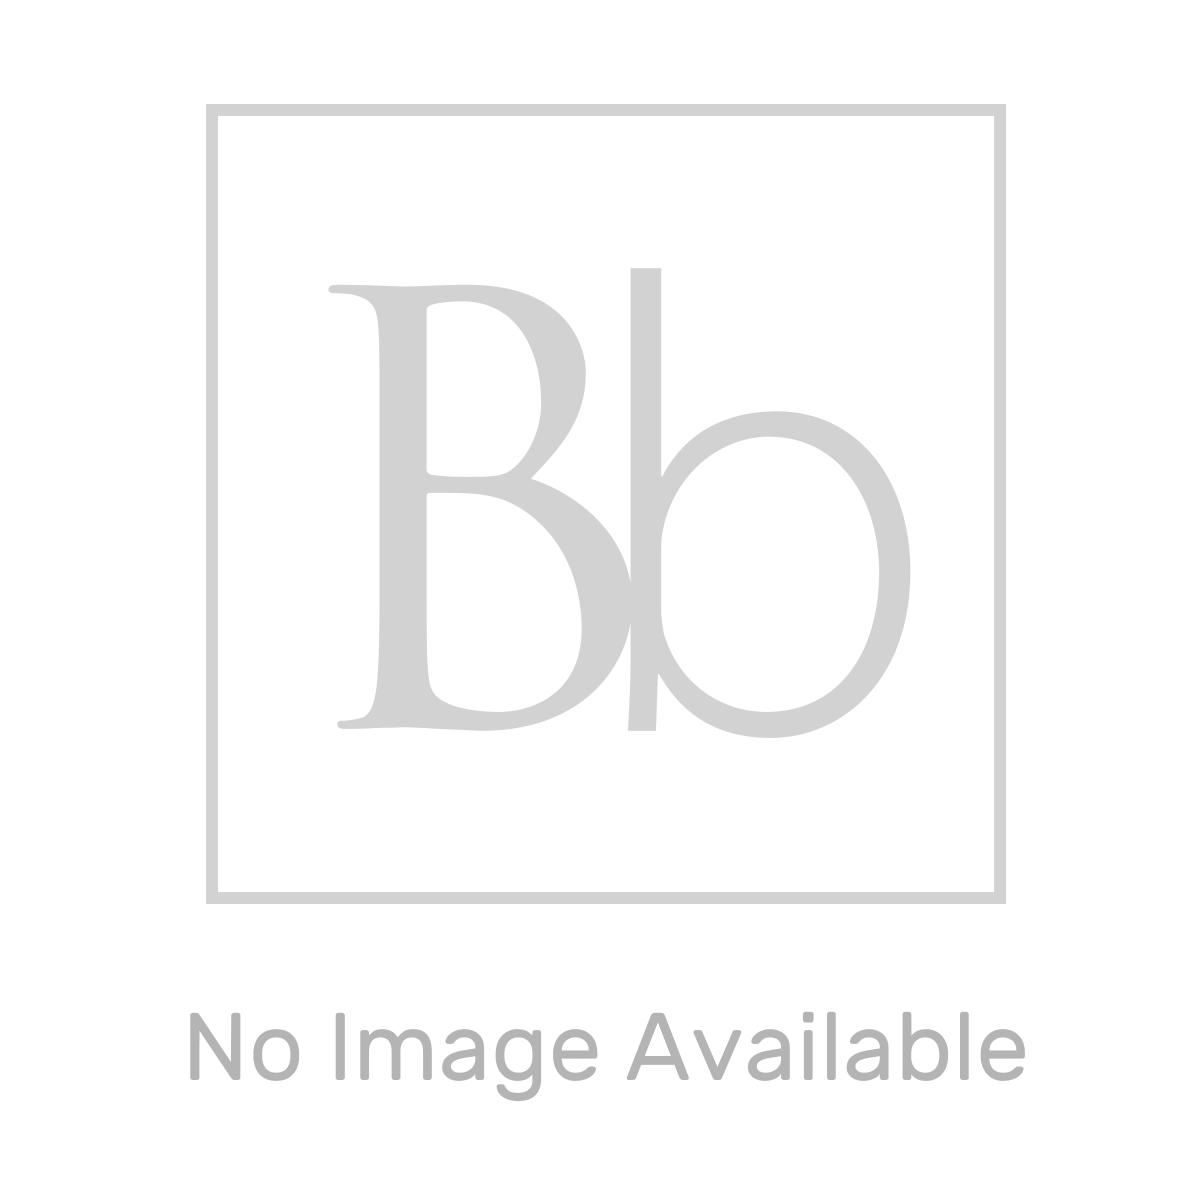 Nuie Athena Natural Oak 4 Door Floor Standing Vanity Unit with Double Basin 1200mm Line Drawing